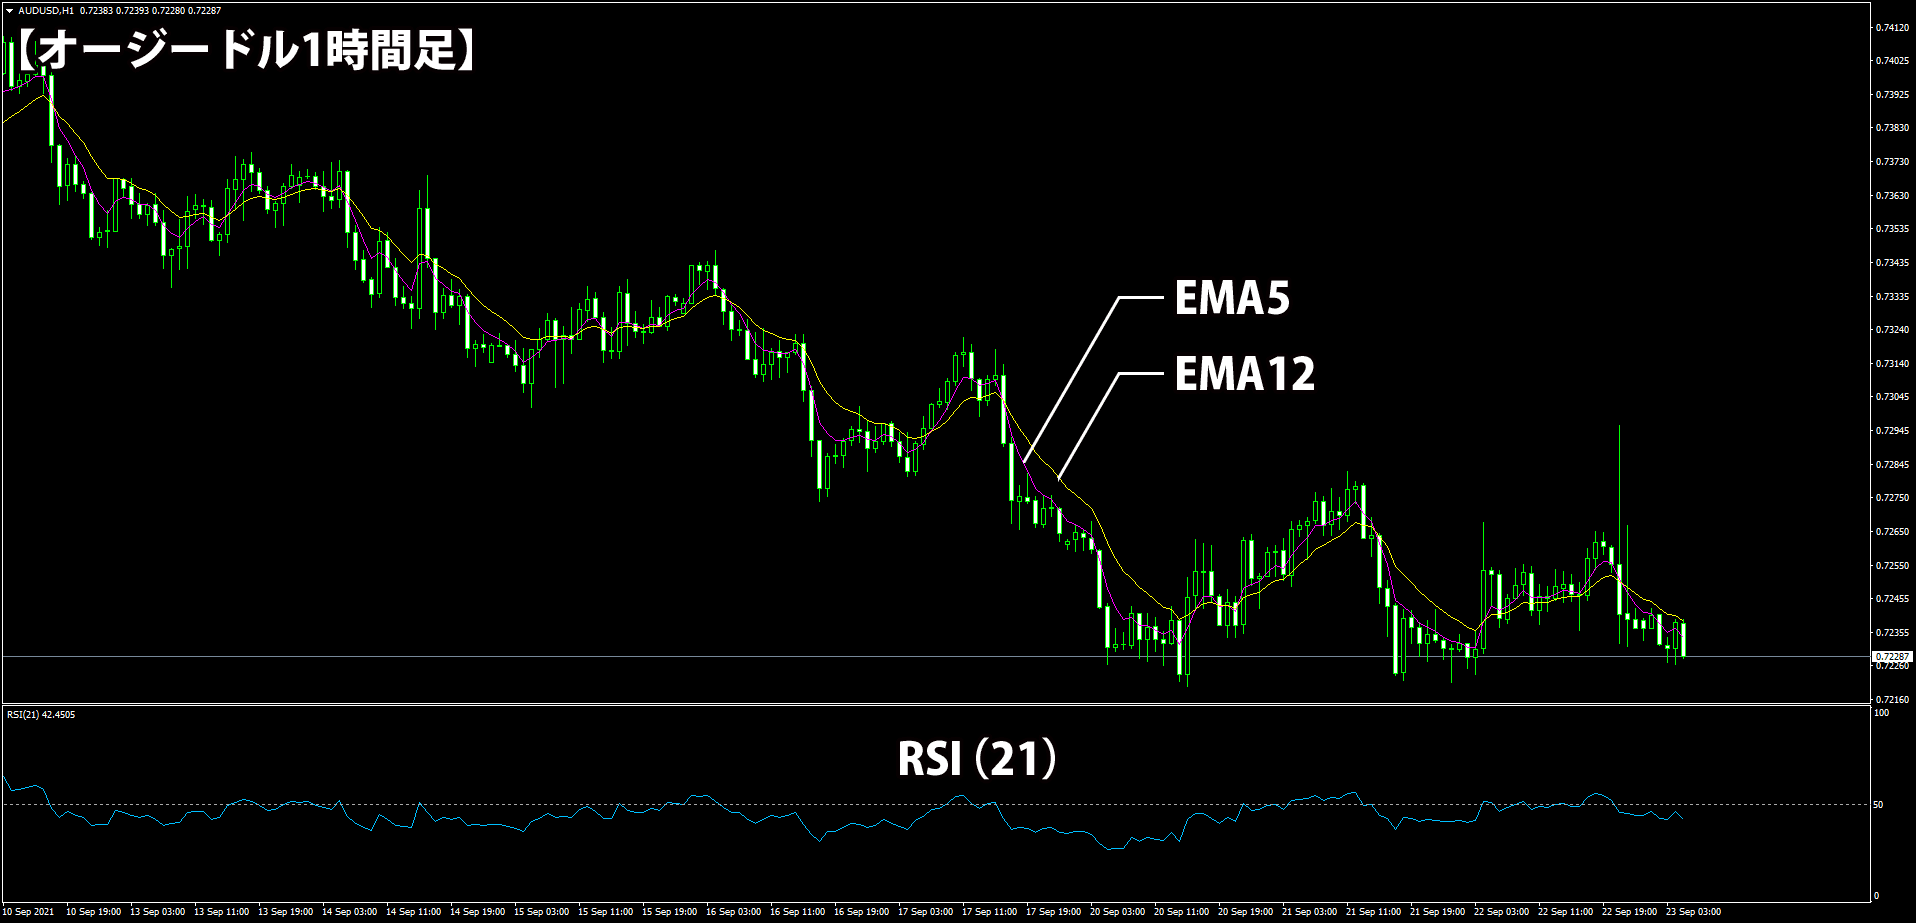 2本のEMAとRSIだけの1時間足トレード手法のチャート